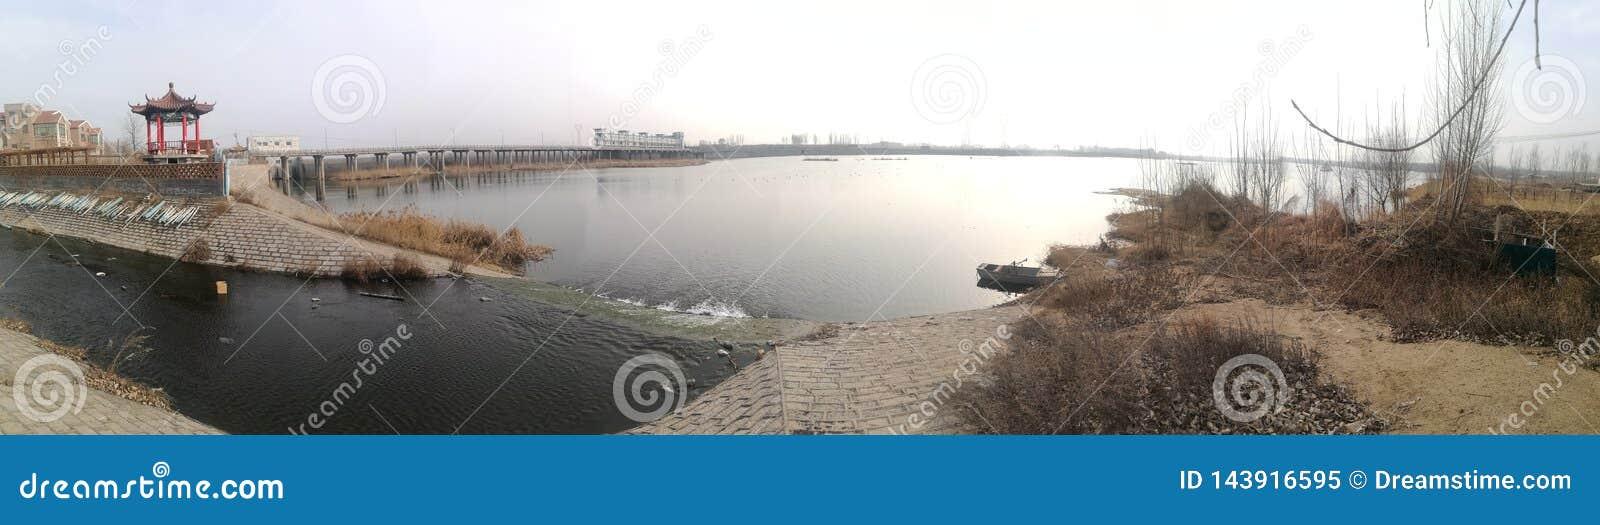 Πανοραμική φωτογραφία του hometown του ποταμού Dawen